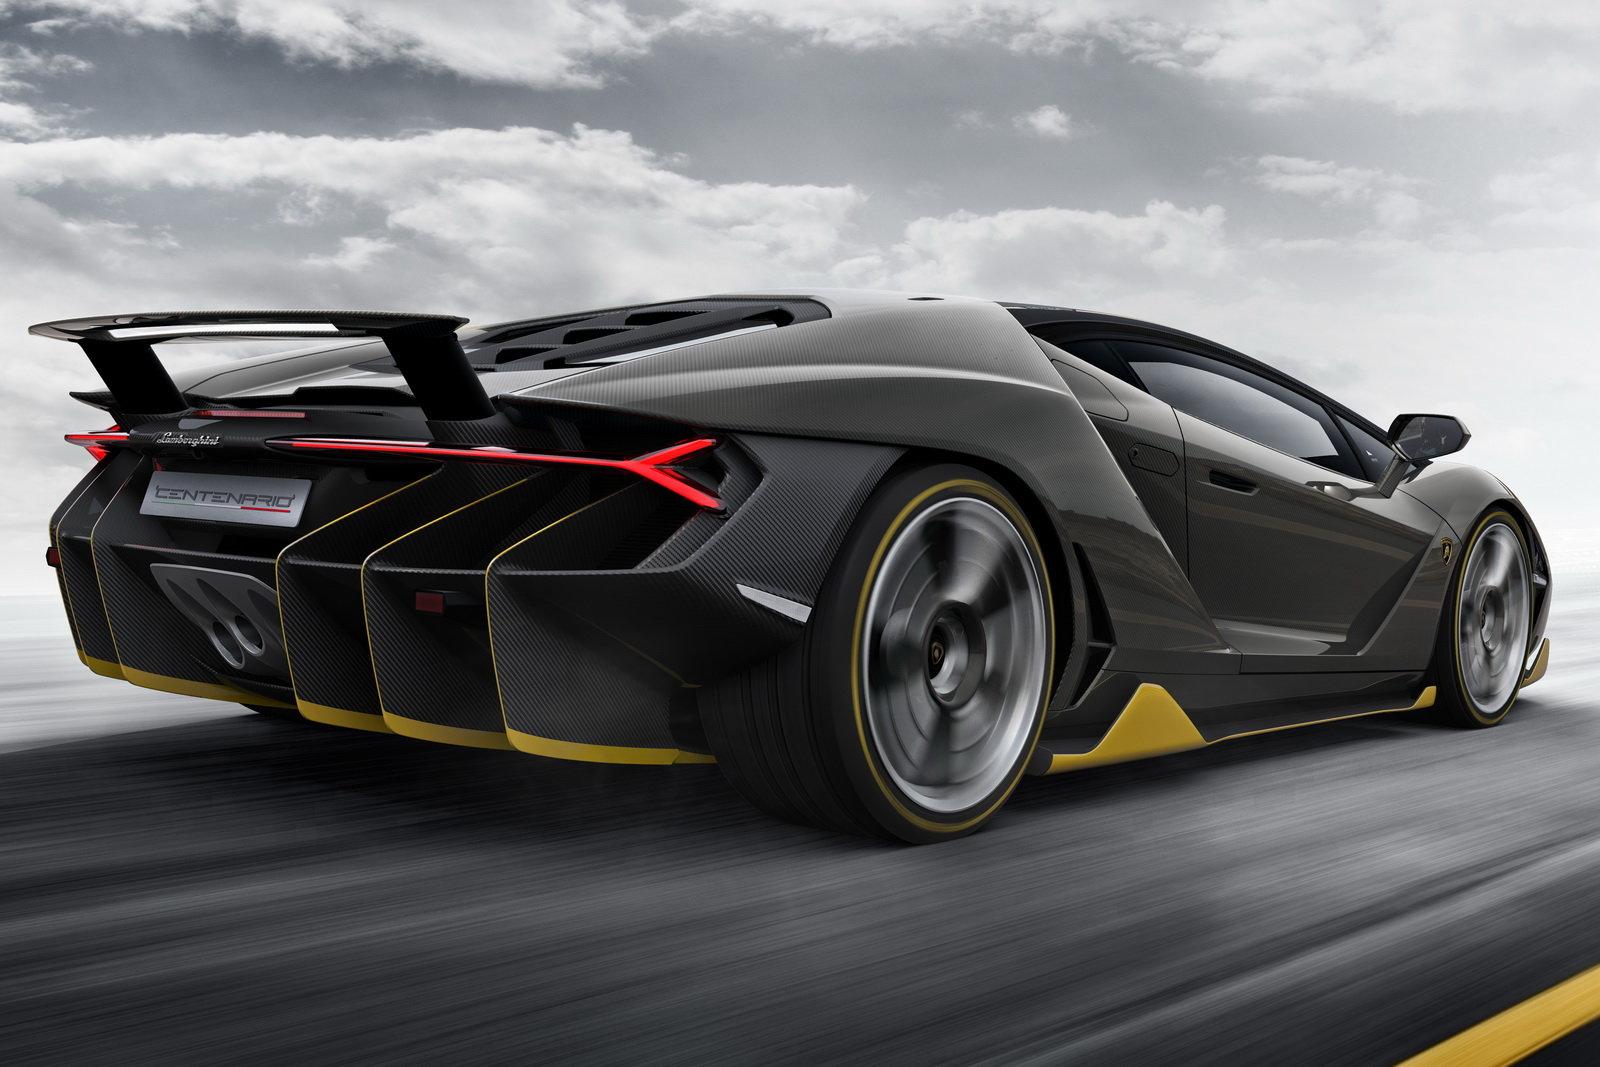 Foto - Lamborghini Centenario in onore della leggenda